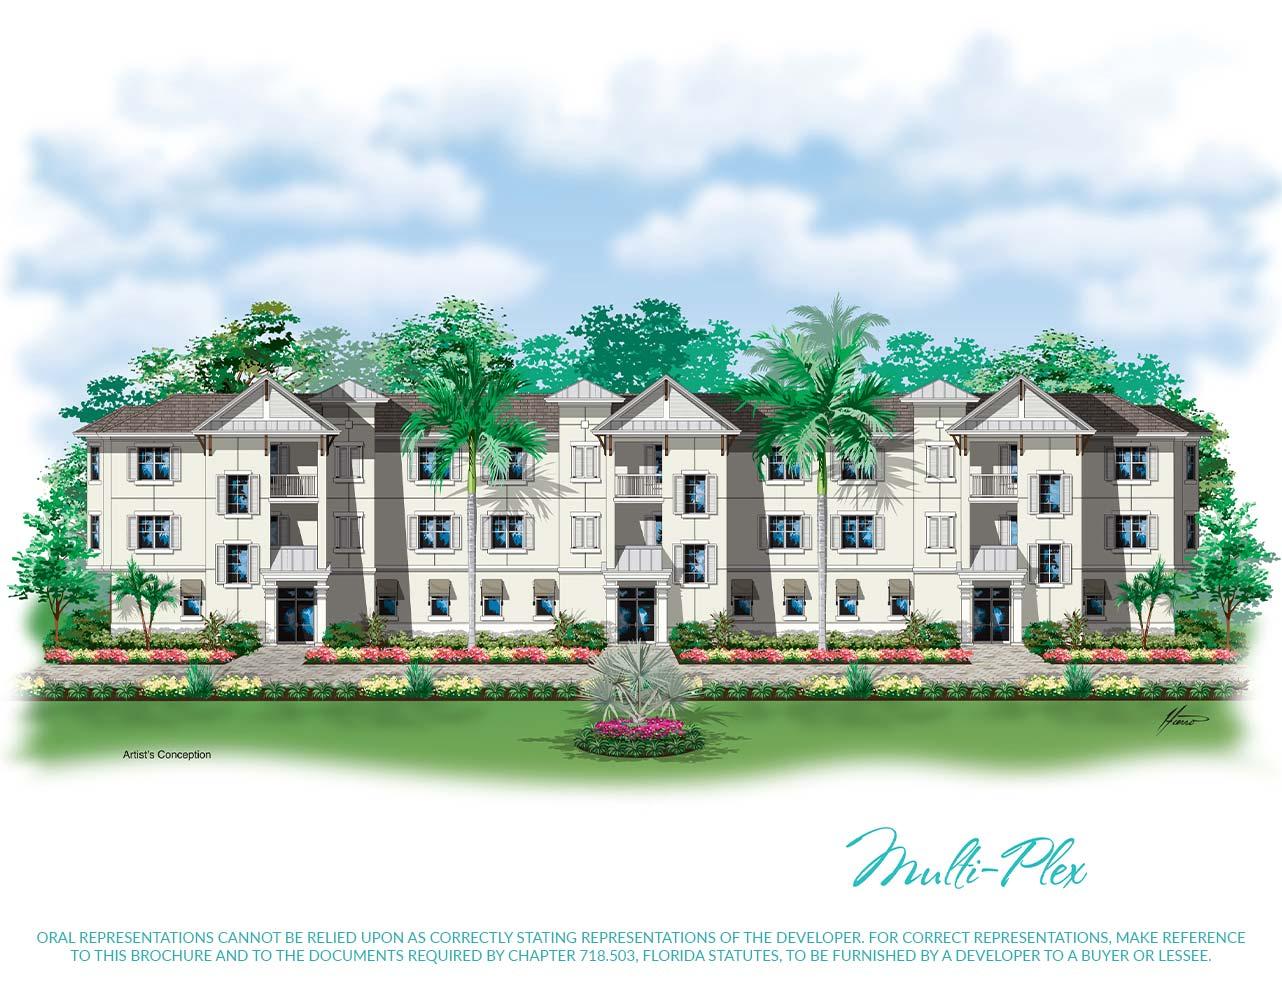 Multi-Plex Rendering | Antilles of Naples, Florida - West Indies Styled Residential Resort